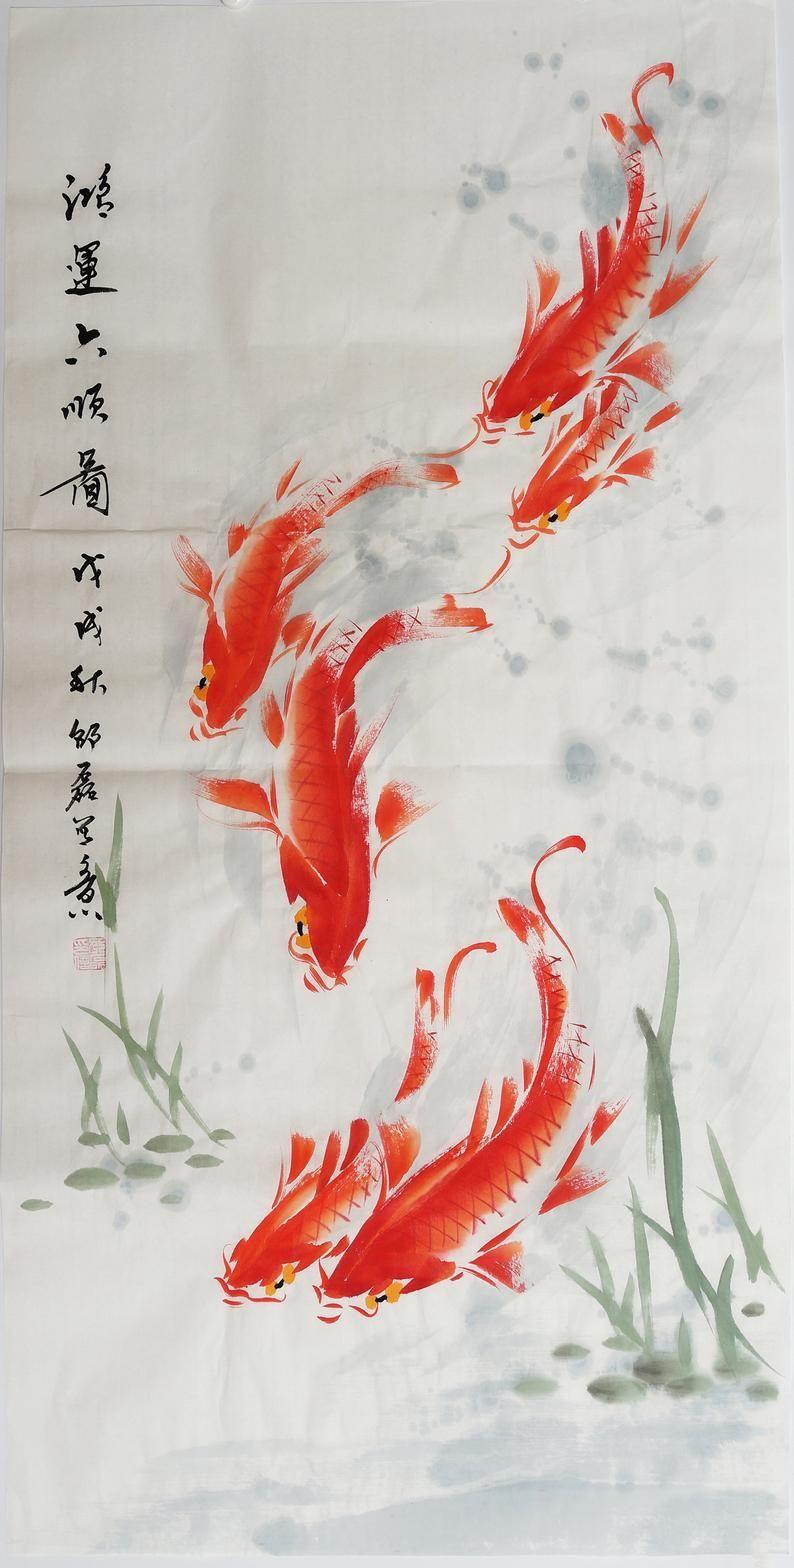 100 Hand Painted Chinese Watercolor Koi Fish Art Slender Etsy In 2021 Koi Watercolor Fish Painting Watercolor Koi Fish